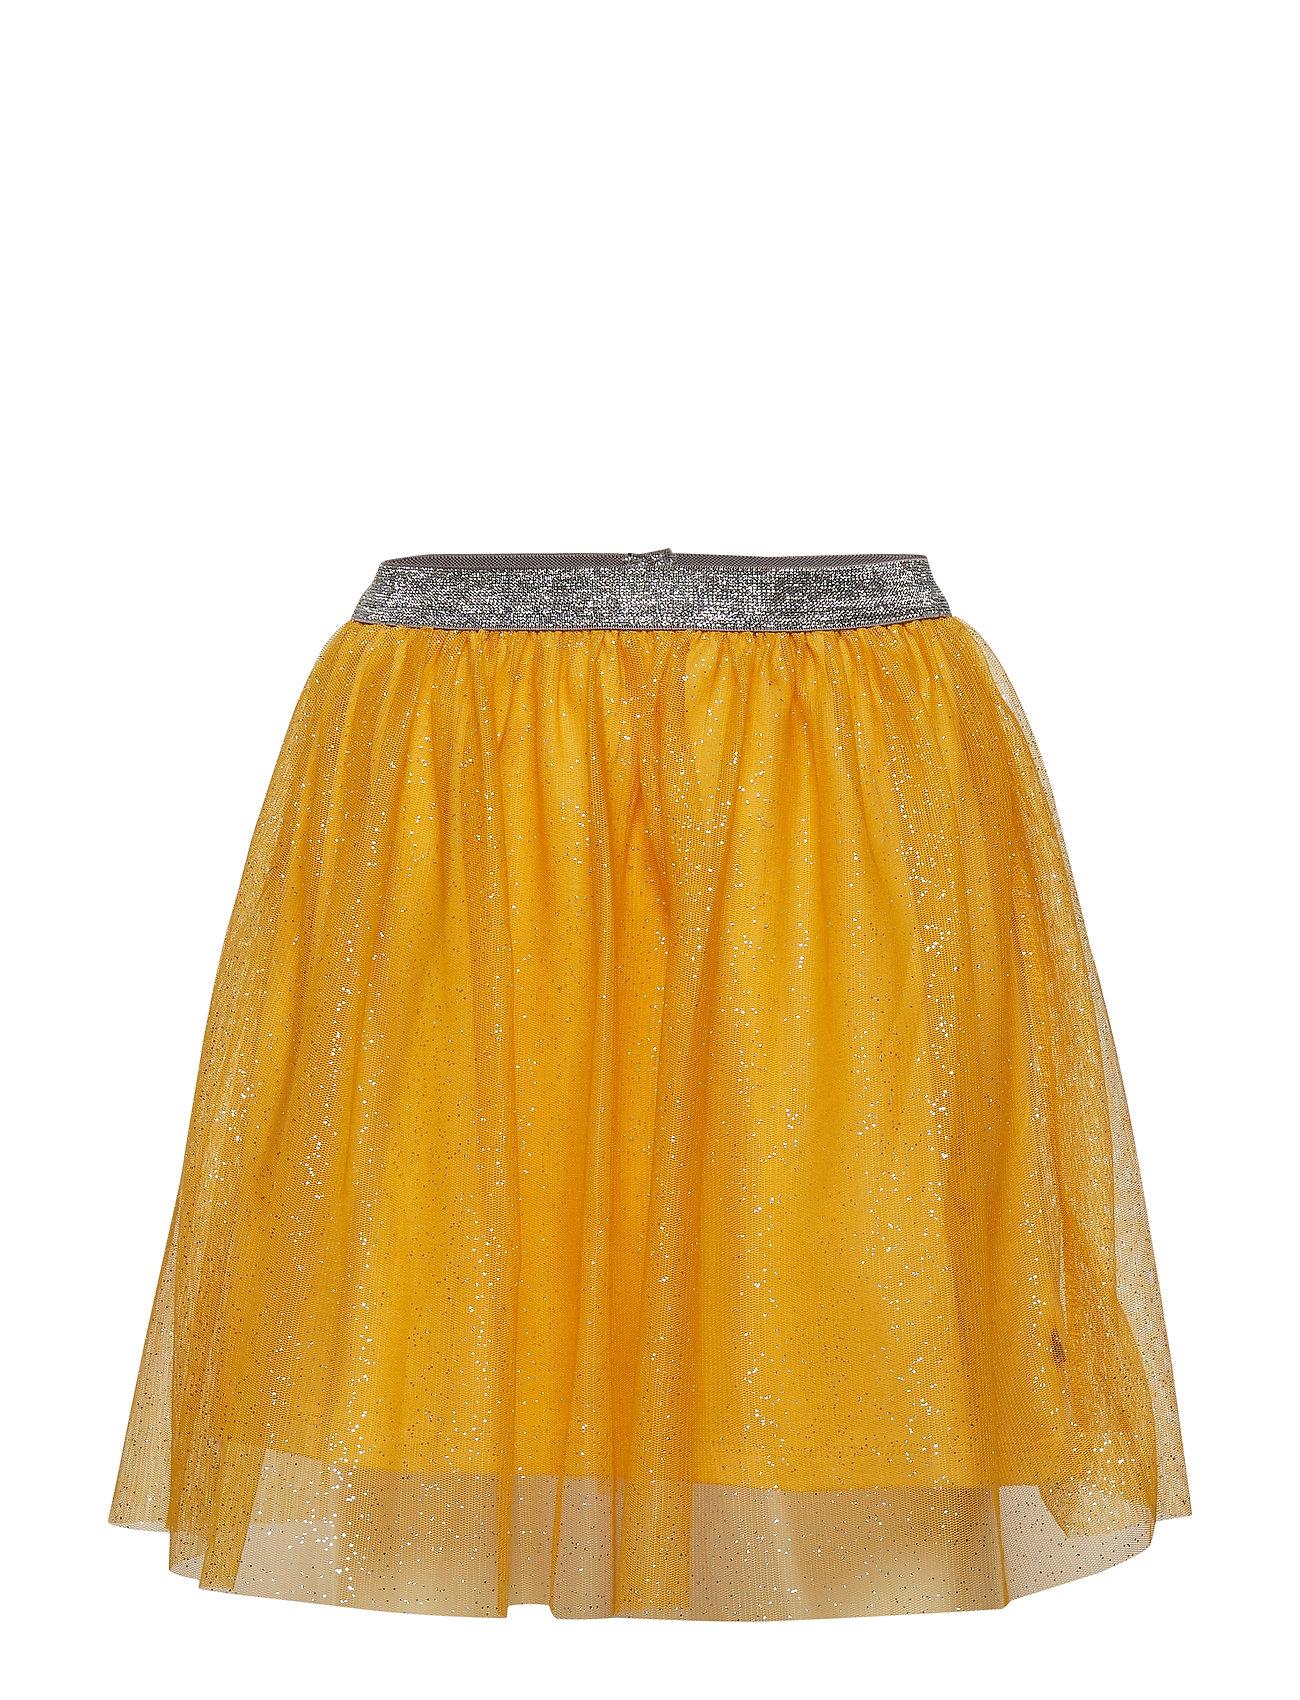 Småfolk Skirt. Tulle. Solid - OCHRE